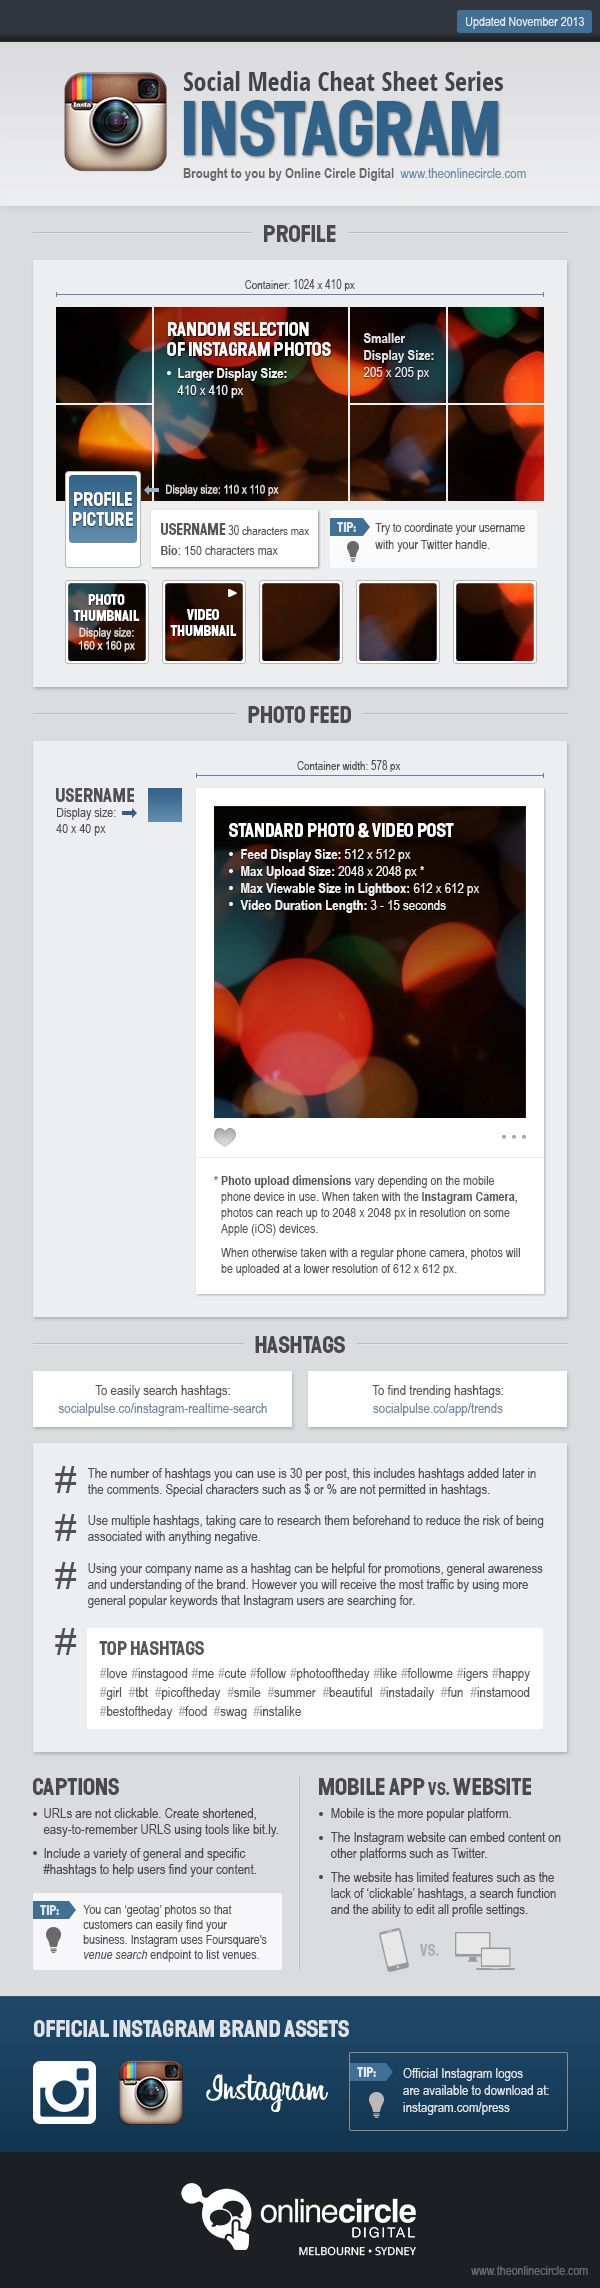 Dimensiones de las imágenes en Instagram #infografia #infographic #socialmedia